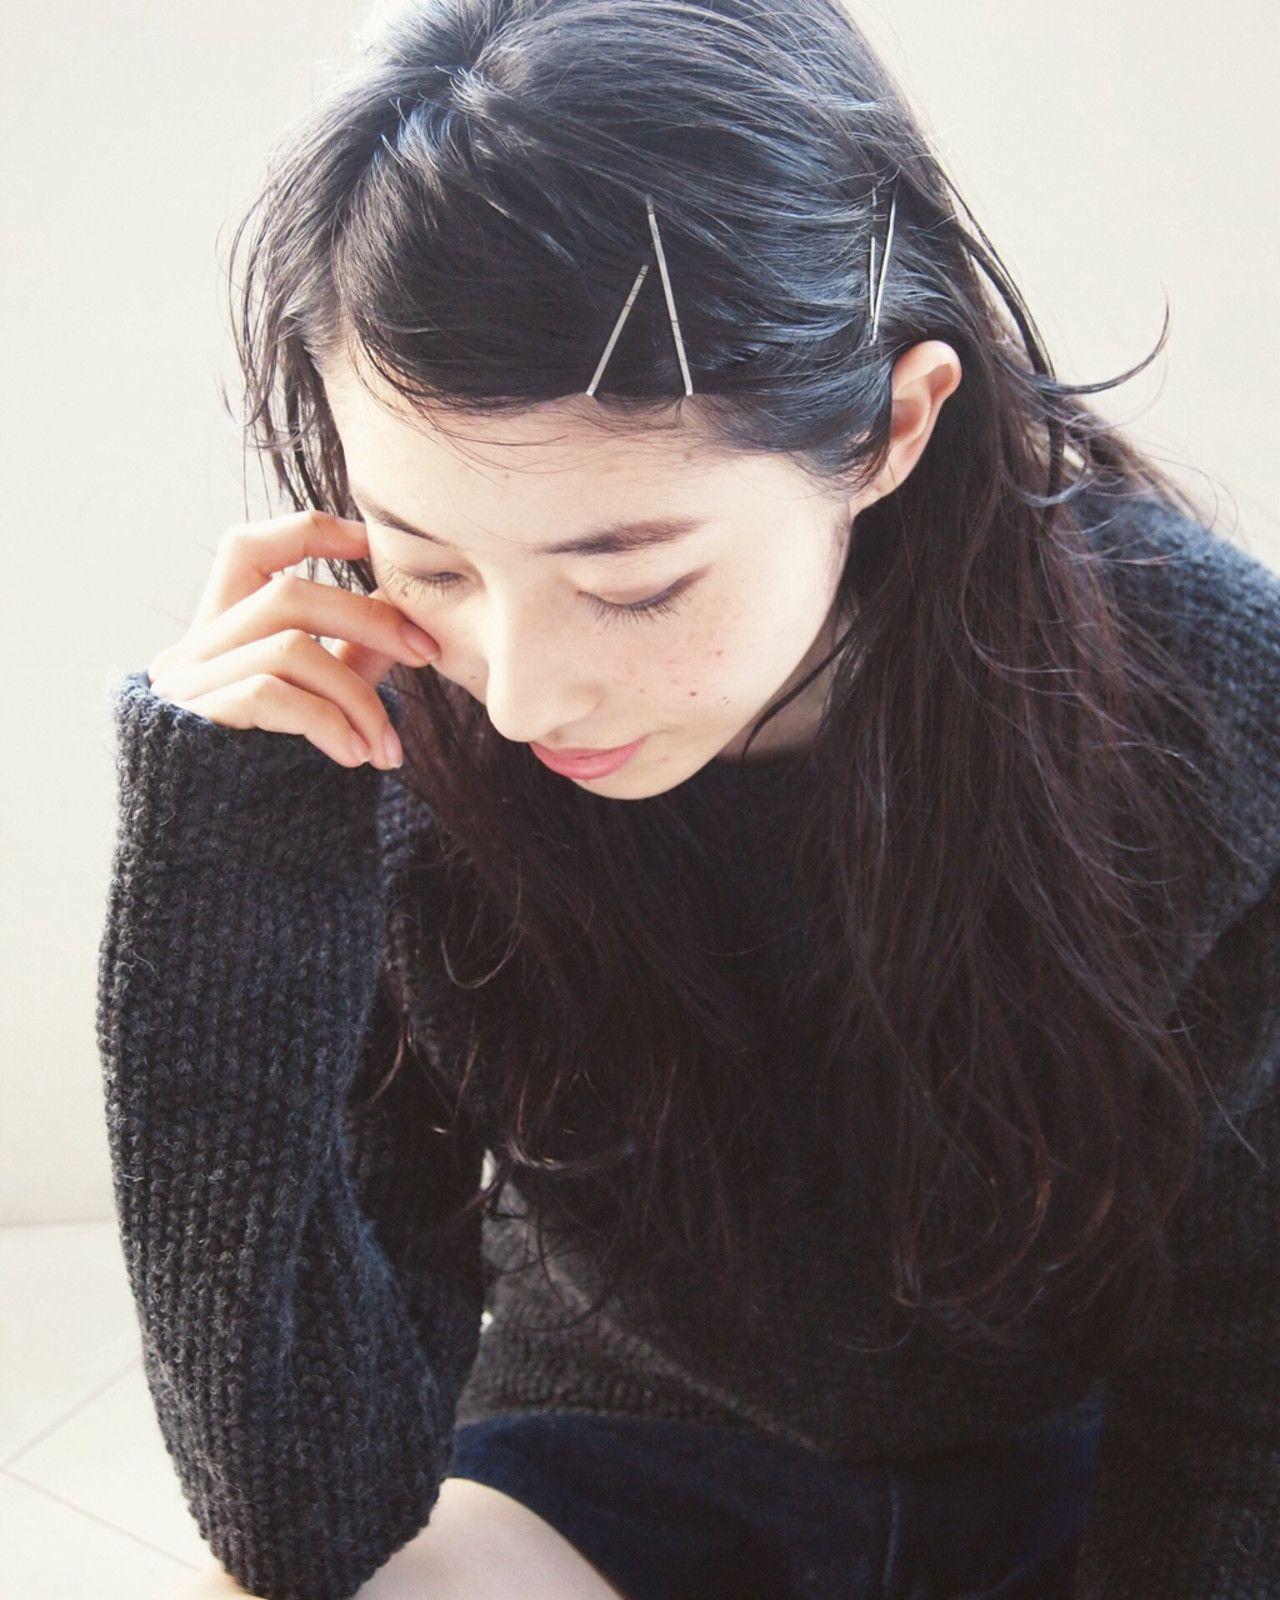 黒髪でサラッと美人 Afloat D Lのヘアスタイル 黒髪 ロング ストレート ヘアスタイル ロング ロングヘア